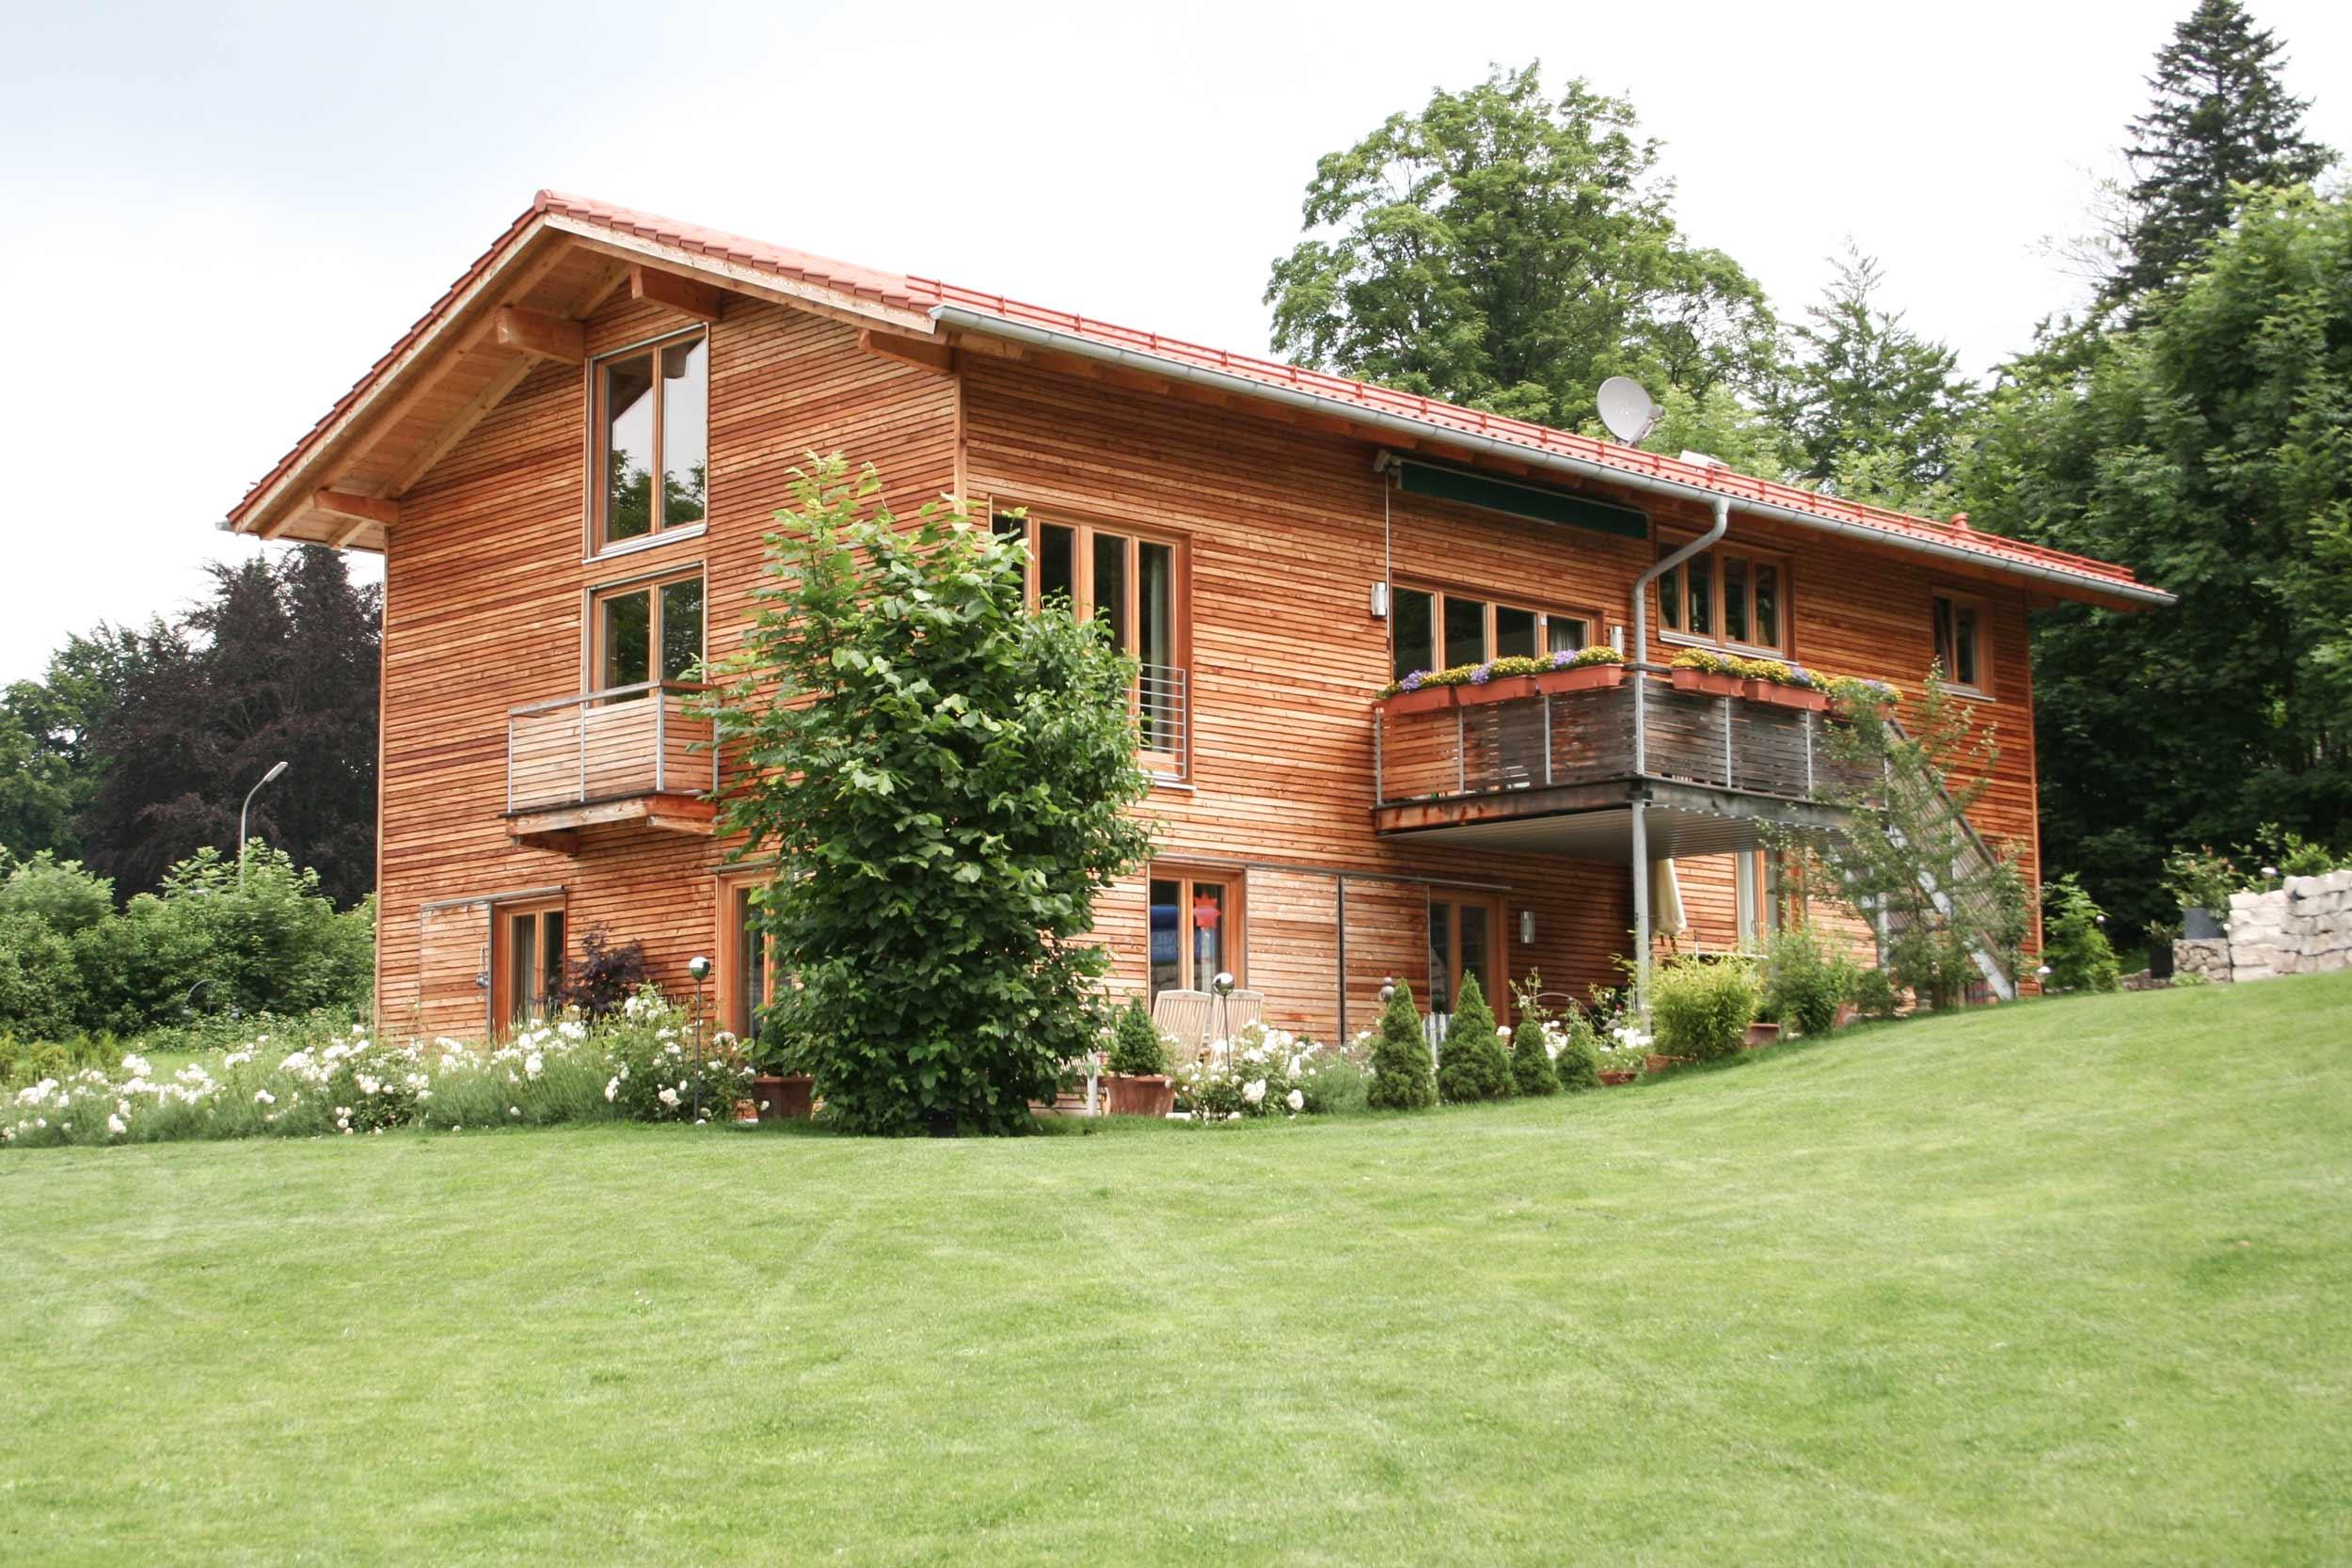 zimmerei-stoib-holzbau-holzhaus-modern-lärche-fassade-latten-fenster-landhaus-01.jpg